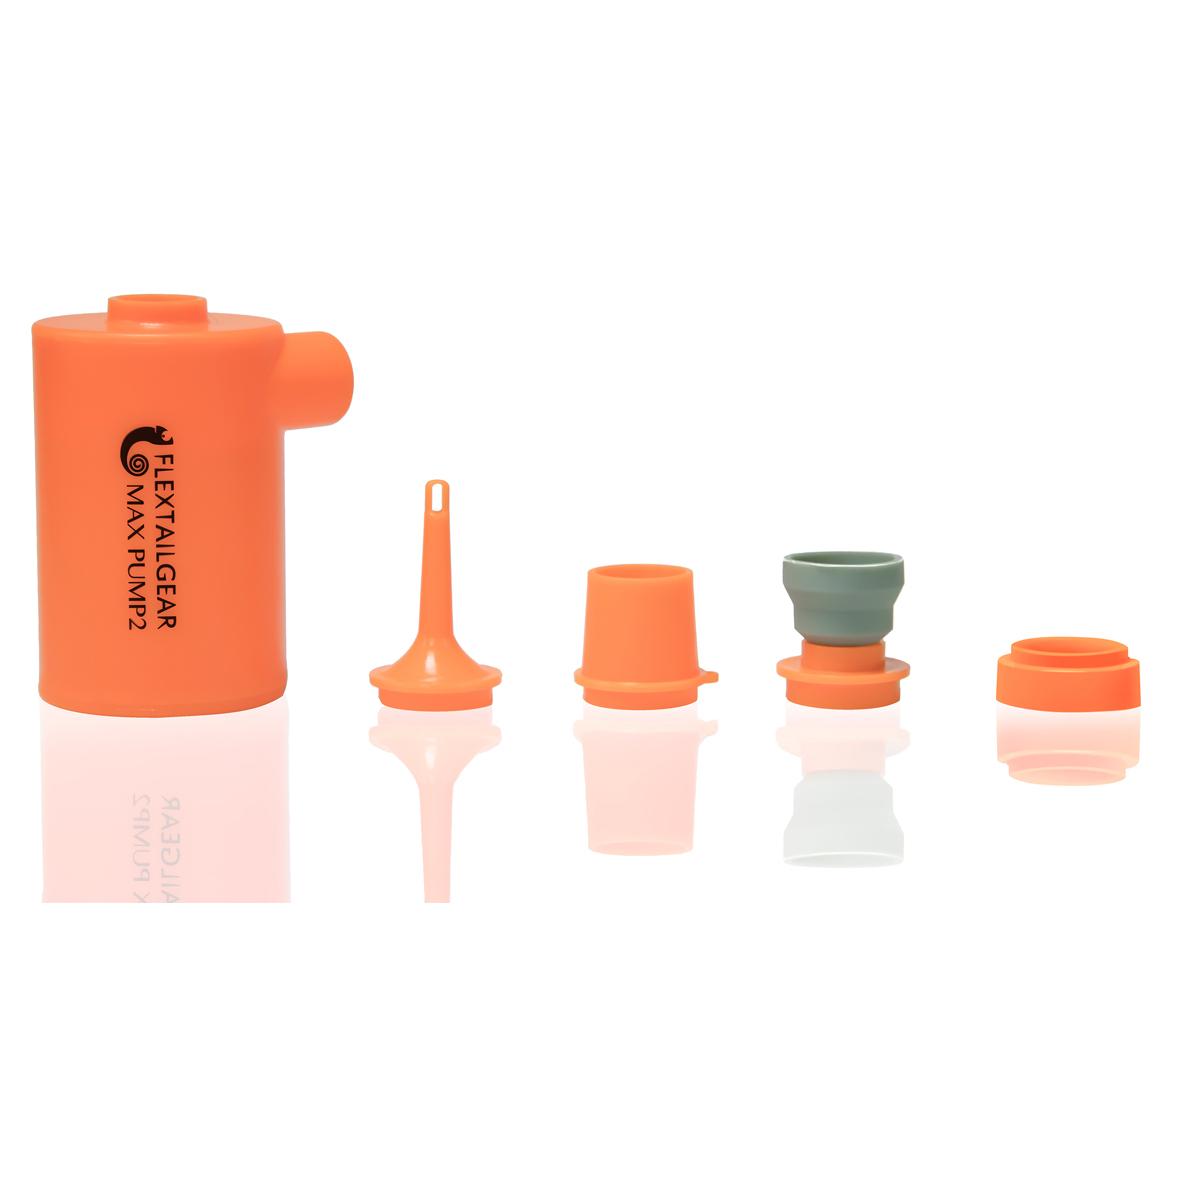 맥스펌프2 휴대용 에어펌프 캠핑 물놀이 여행 필수품, 오렌지